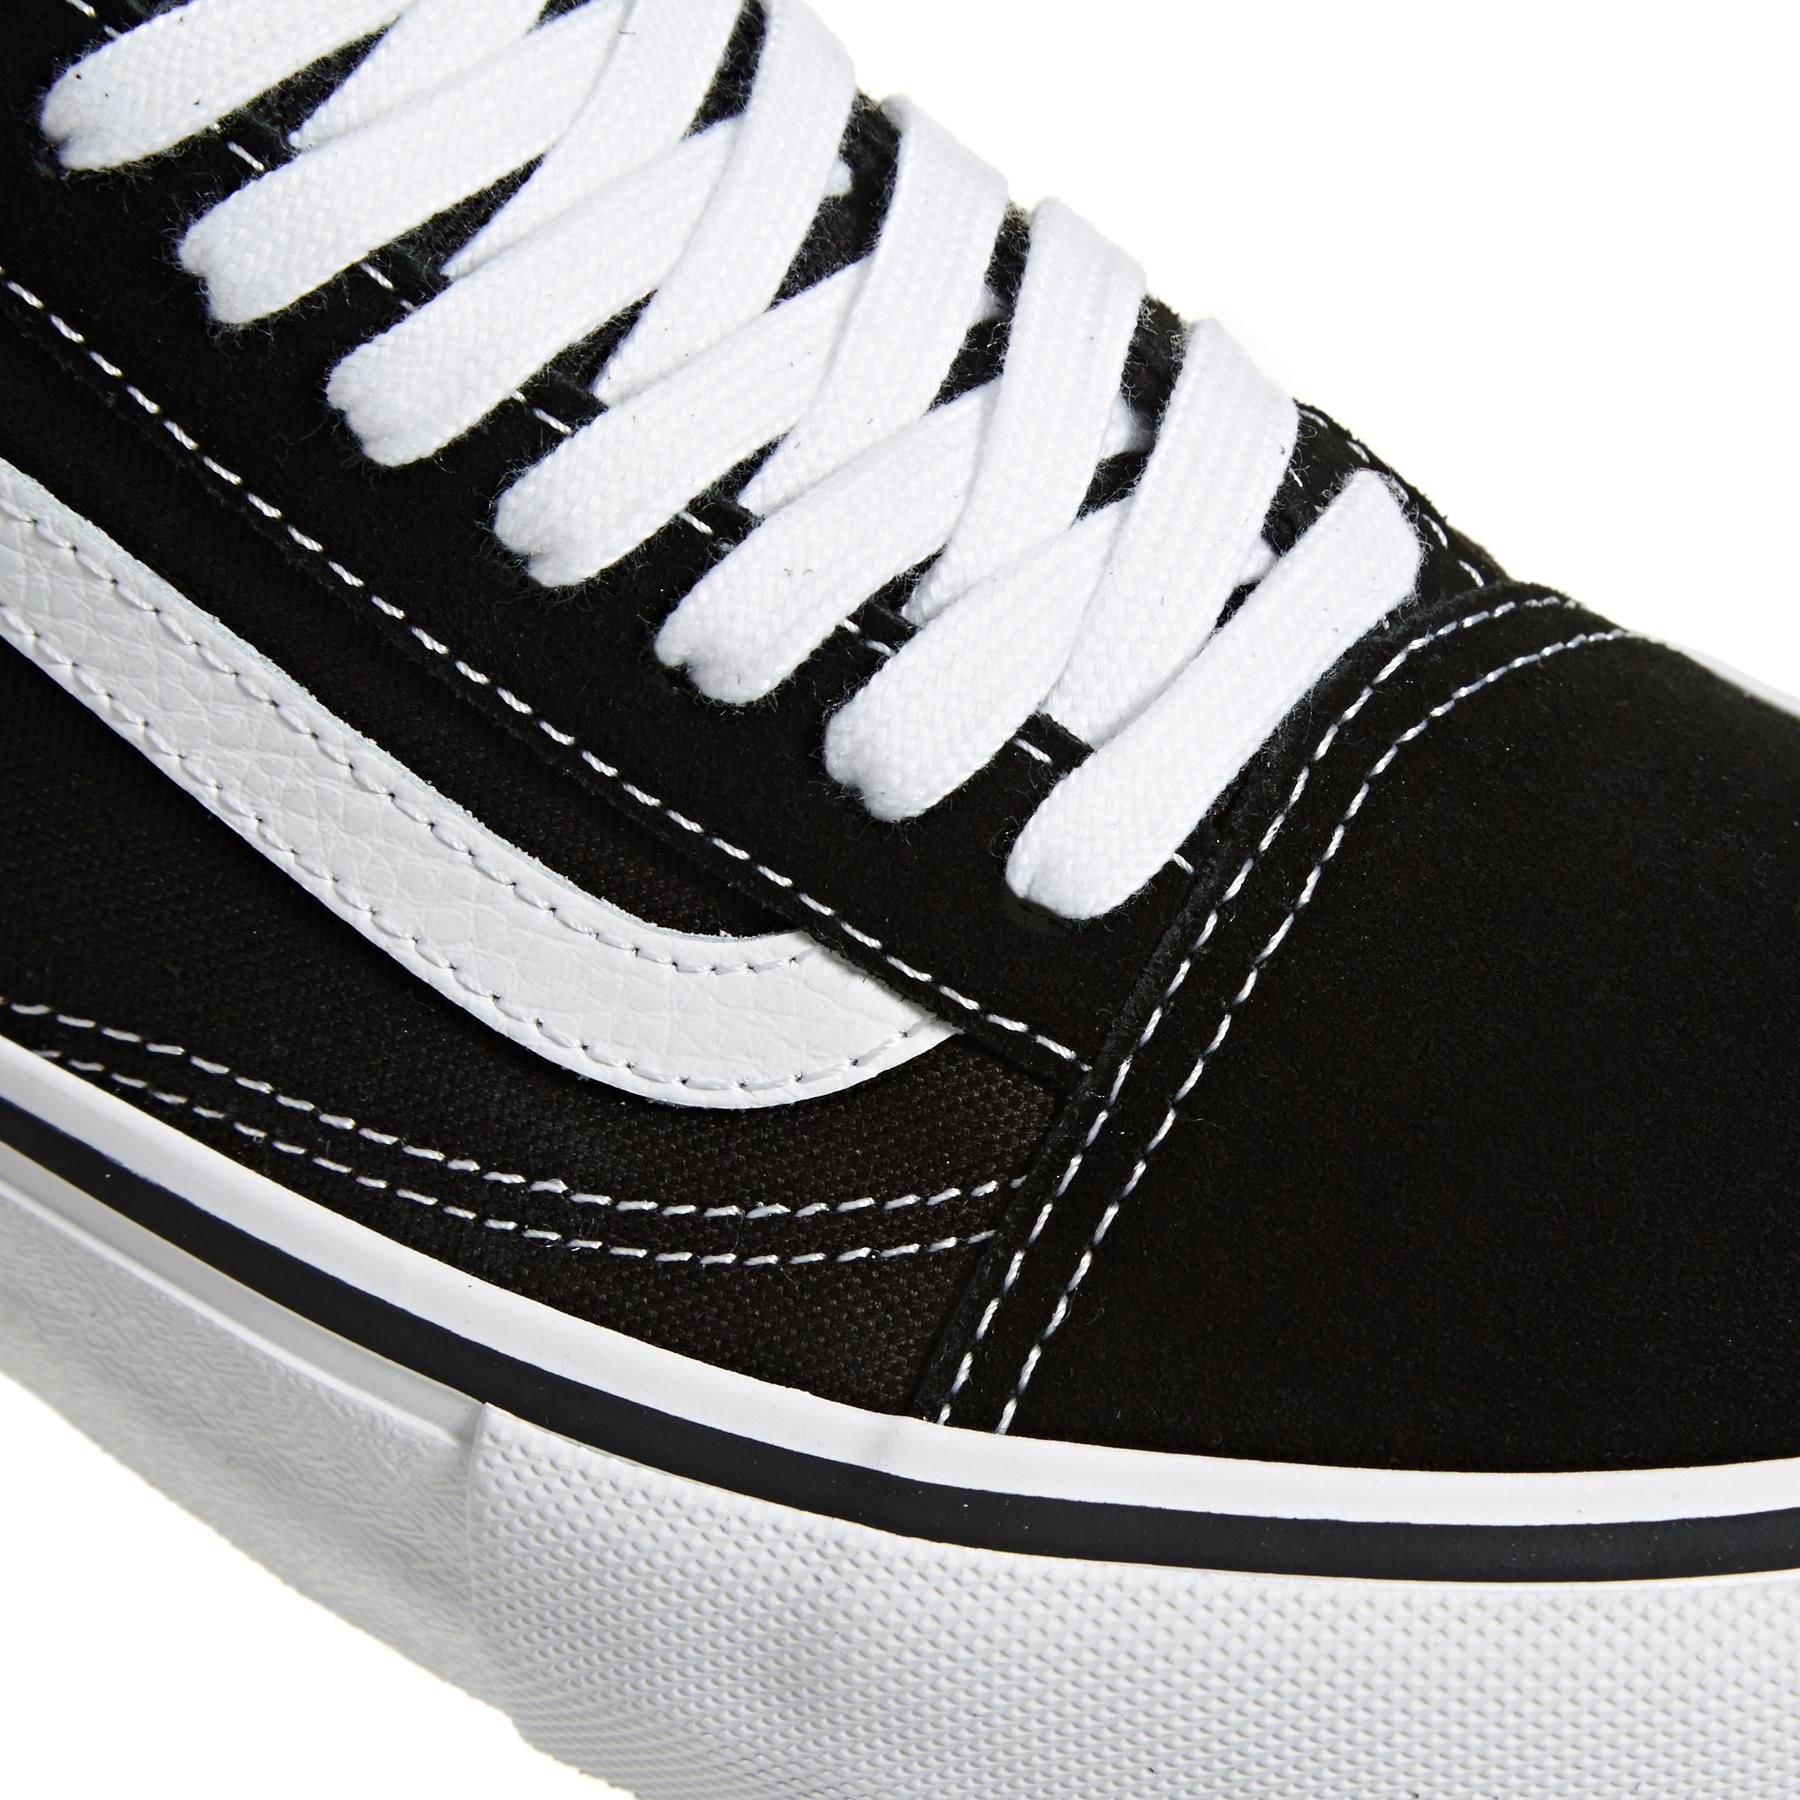 Vans Old Skool Pro Shoes - Free